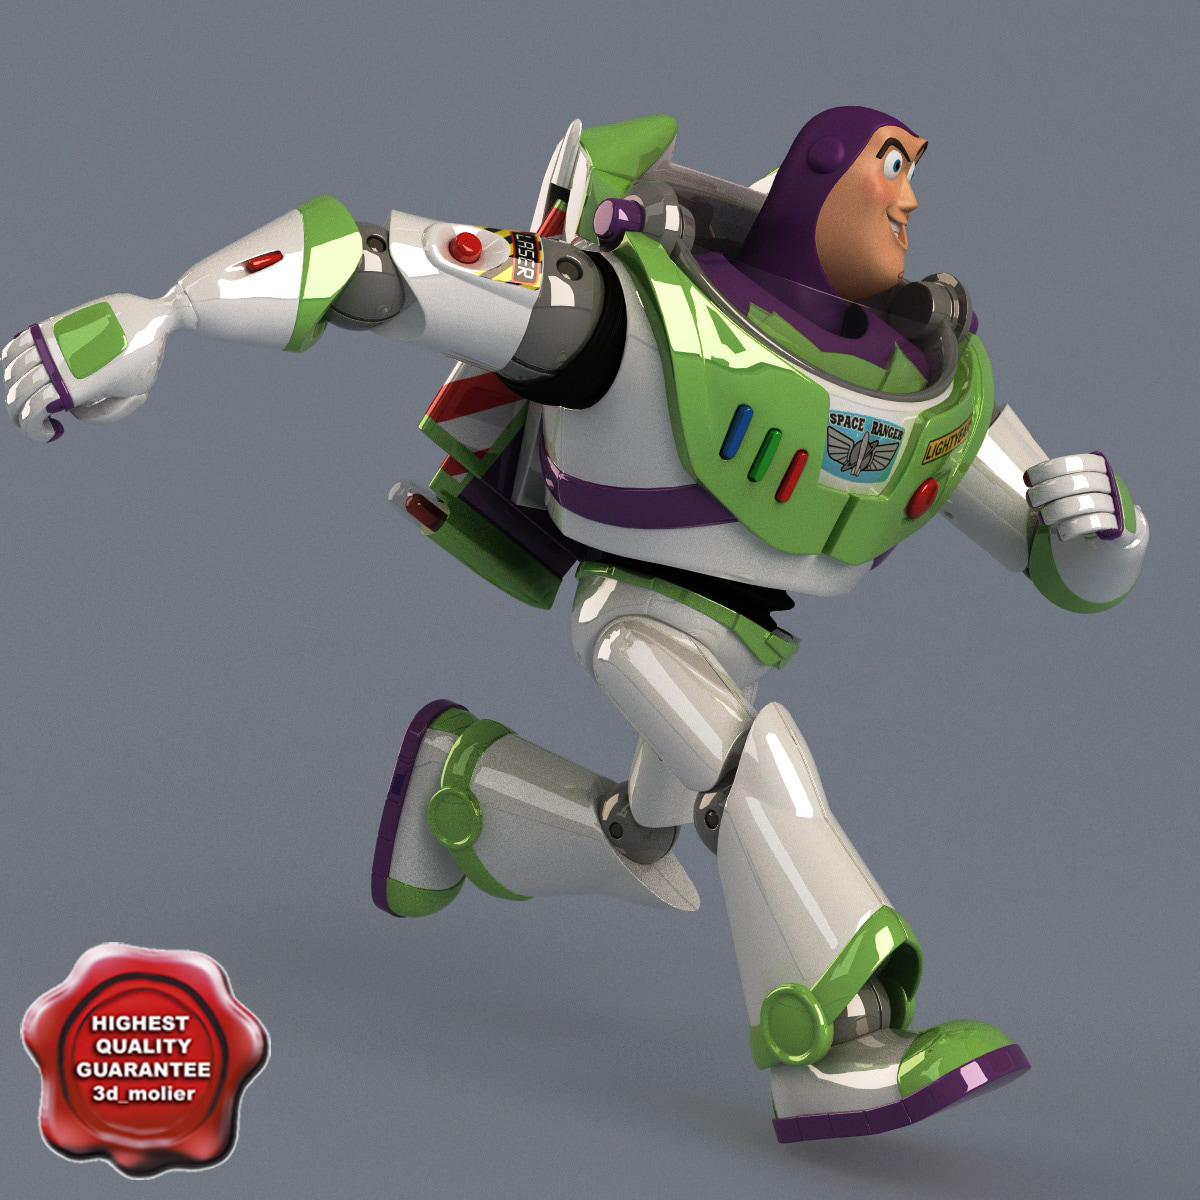 Buzz_Lightyear_Pose5_00.jpg